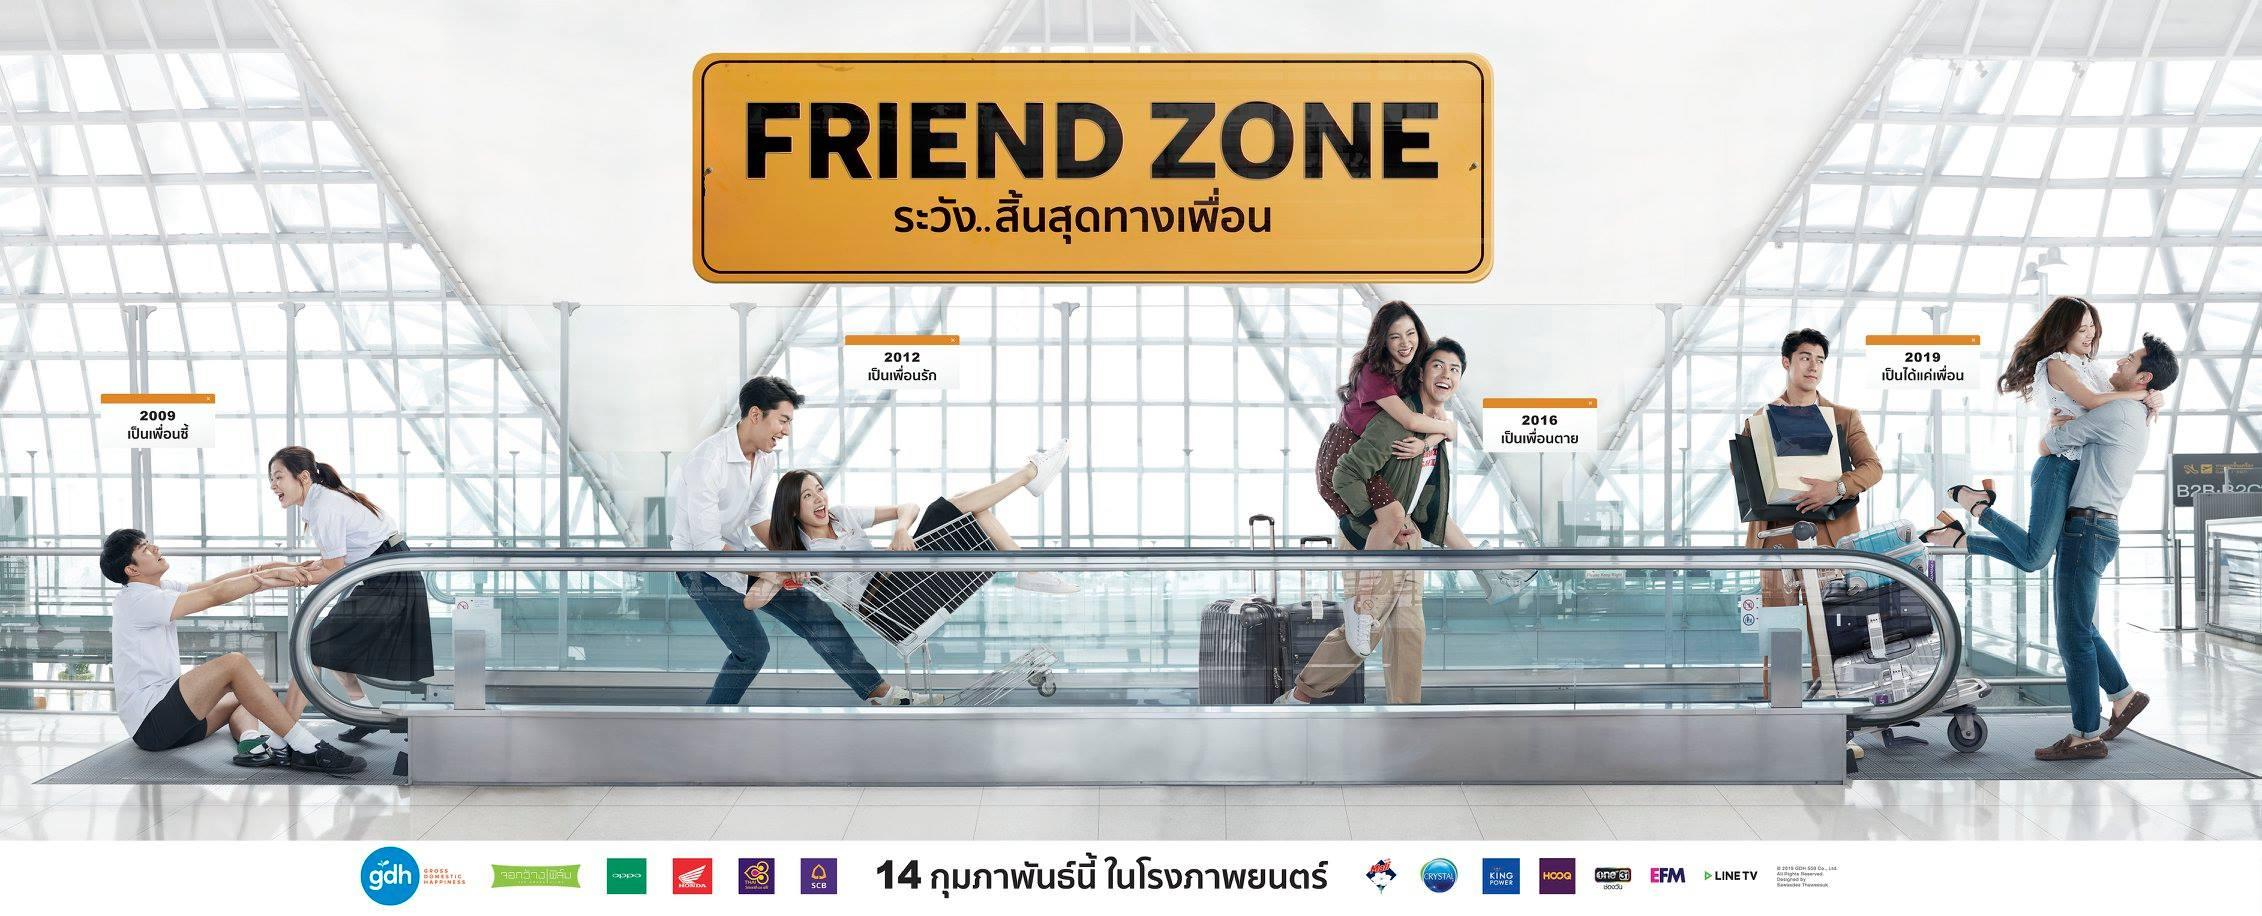 ระวังสิ้นสุดทางเพื่อน Friend Zone